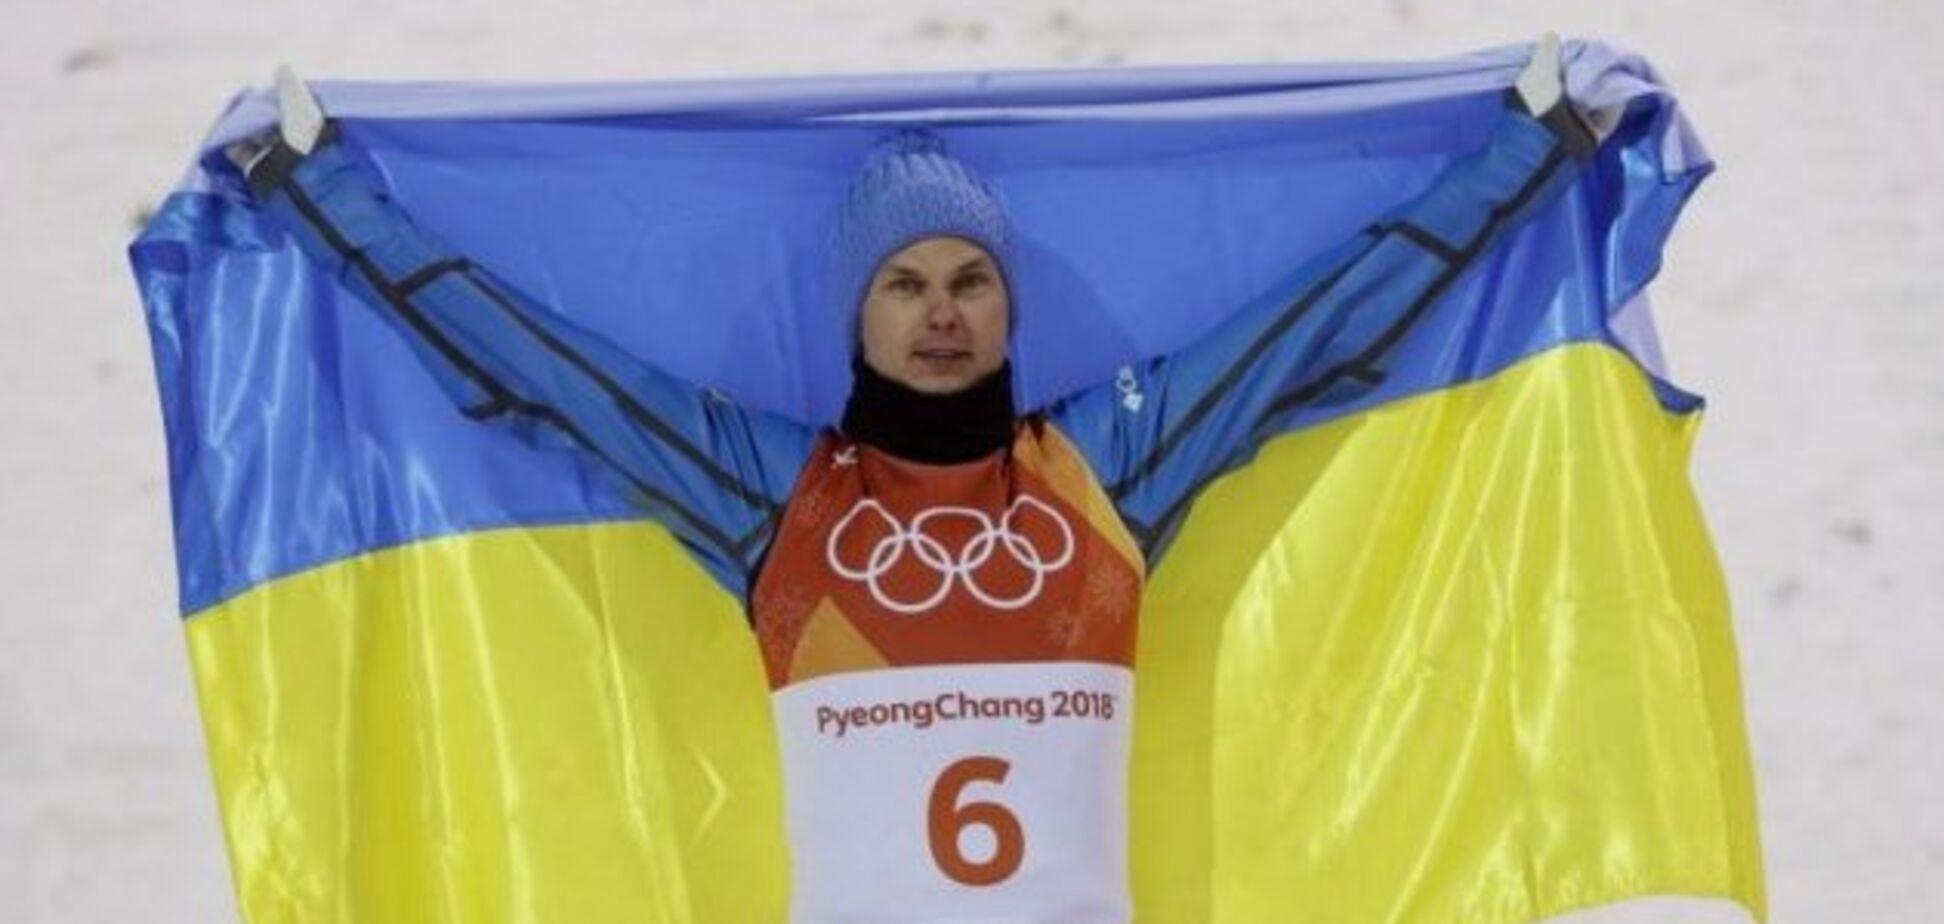 Ніякої політики: український олімпійський чемпіон пояснив 'братання' з росіянином у Пхенчхані